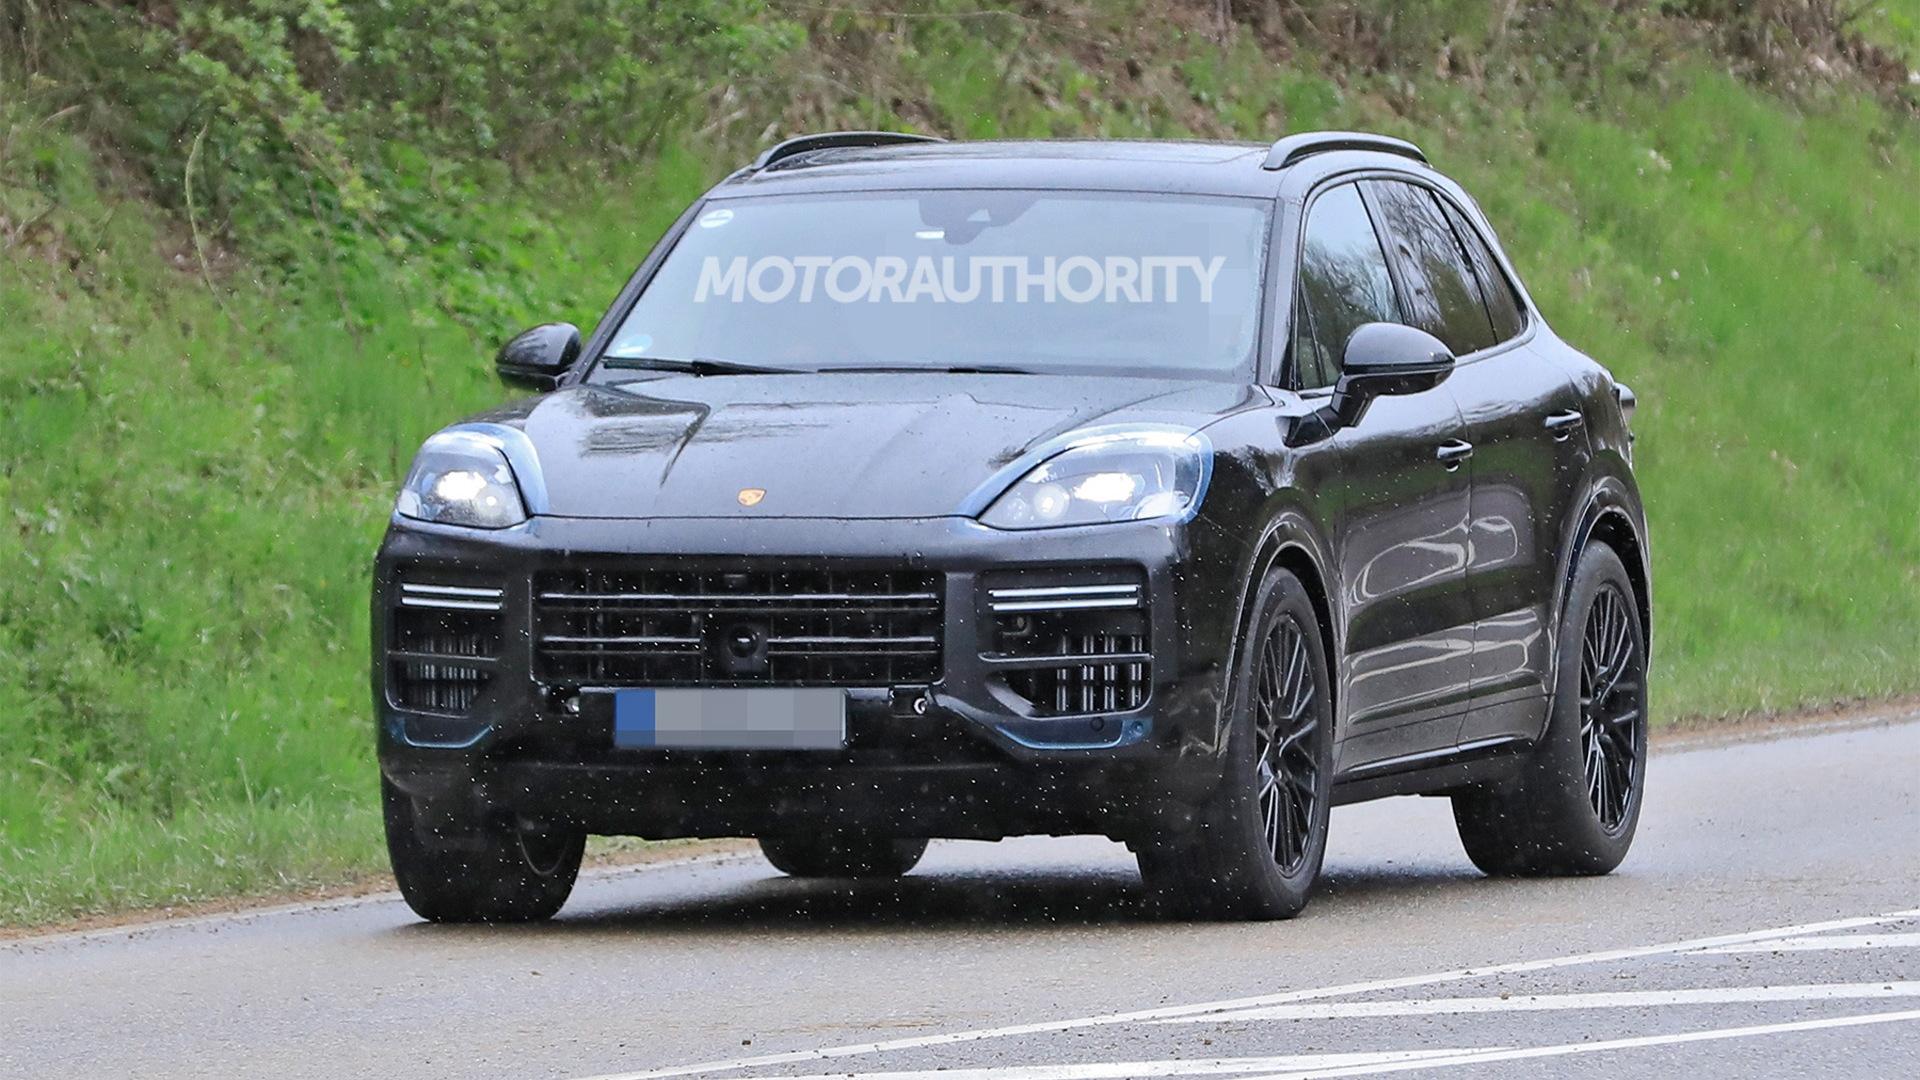 2023 Porsche Cayenne facelift spy shots - Photo credit:S. Baldauf/SB-Medien